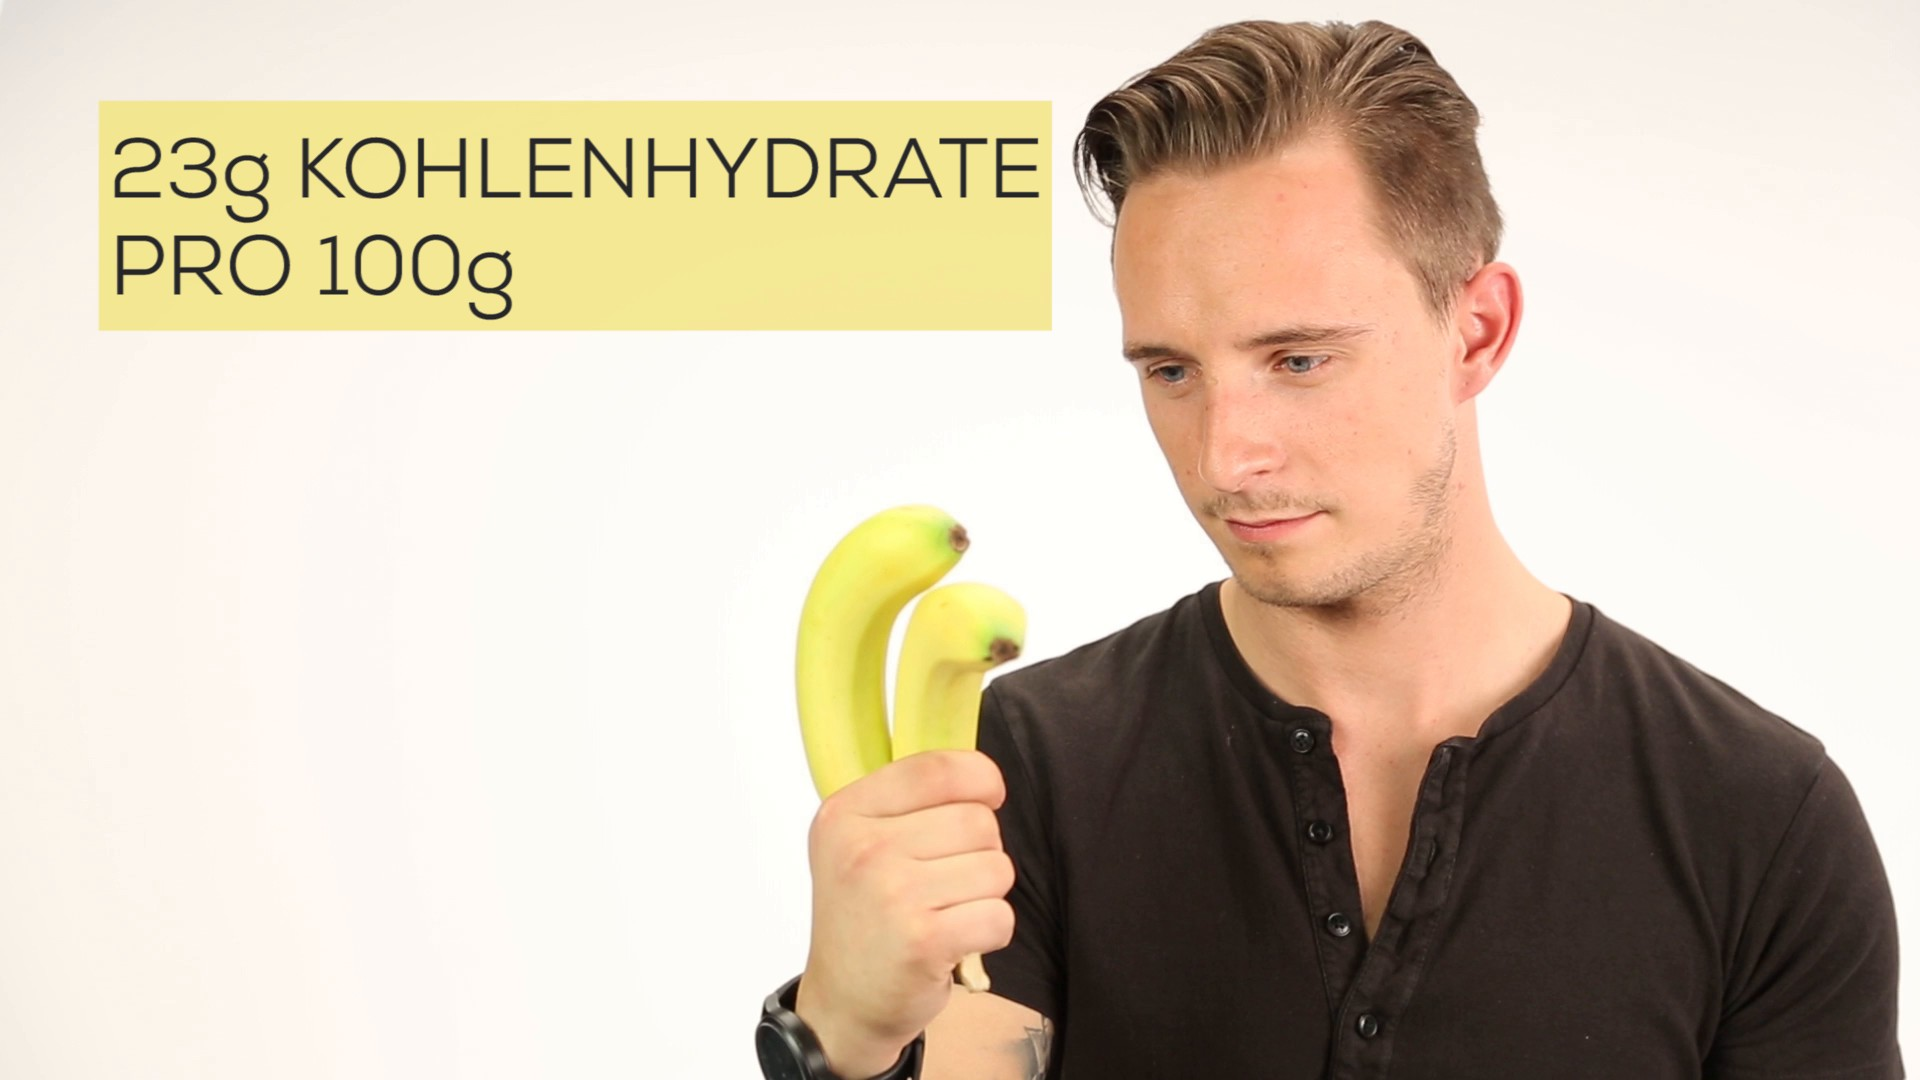 Geheimtipp- In diesen Lebensmitteln verstecken sich Kohlenhydrate_EL.mp4: image 4